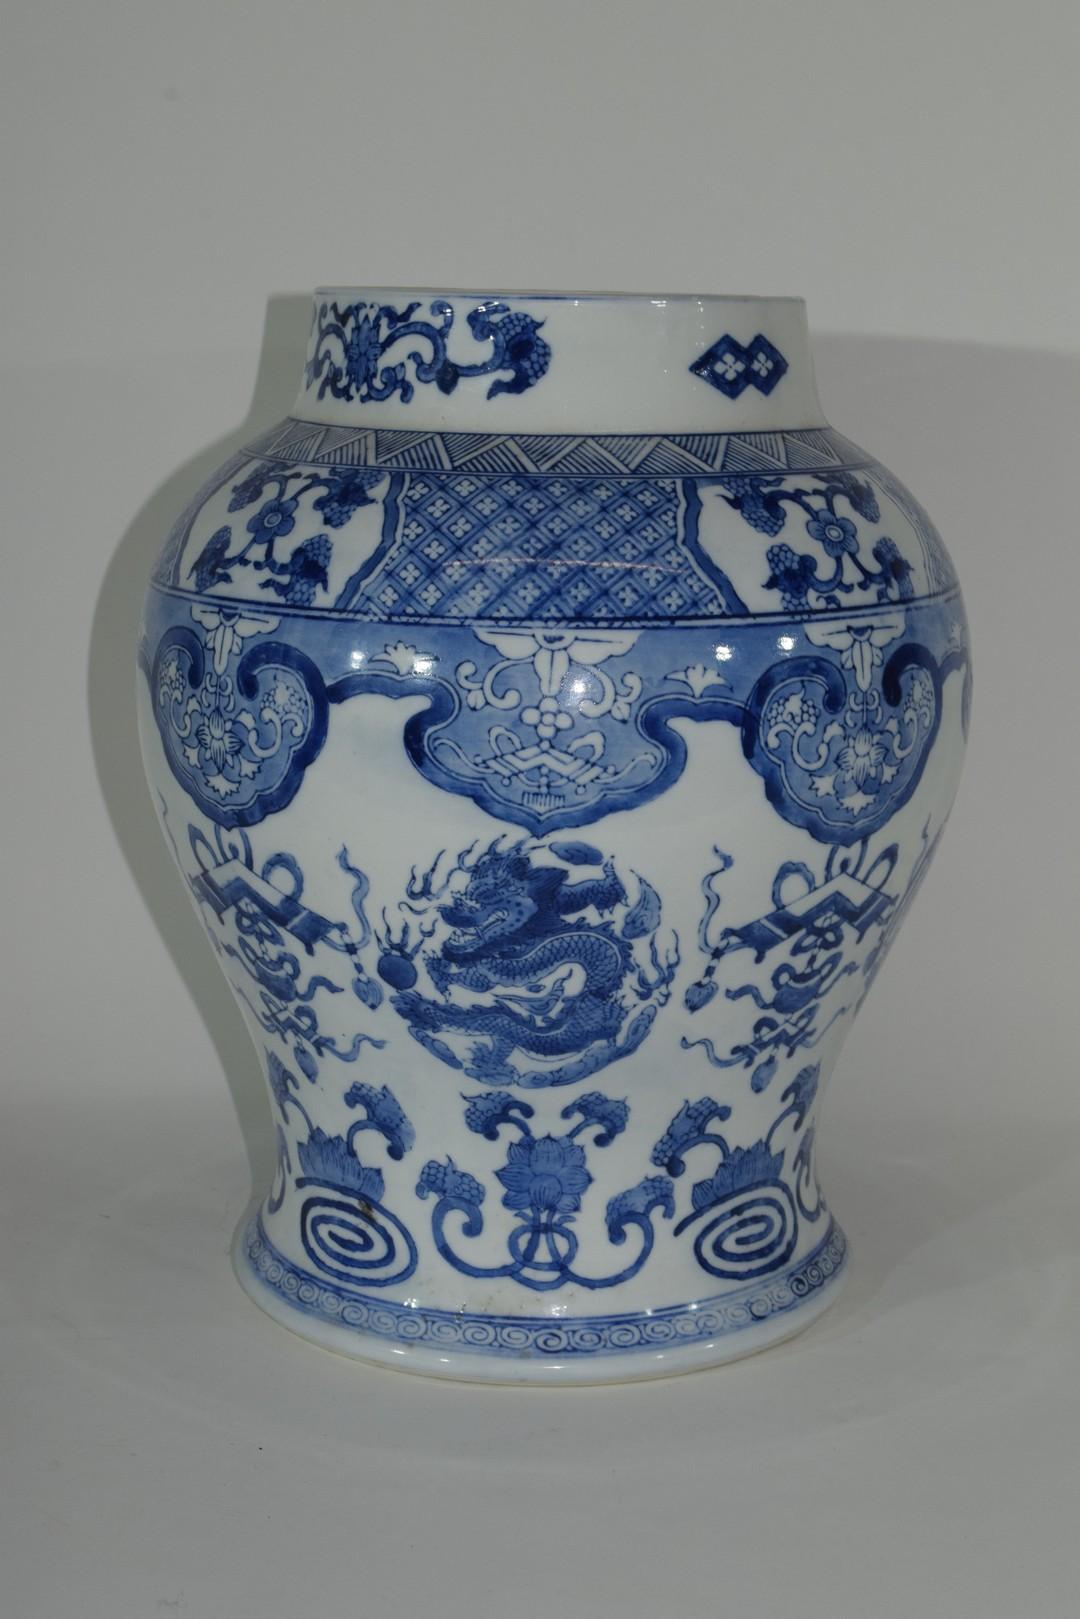 Large Chinese porcelain jar - Image 3 of 7